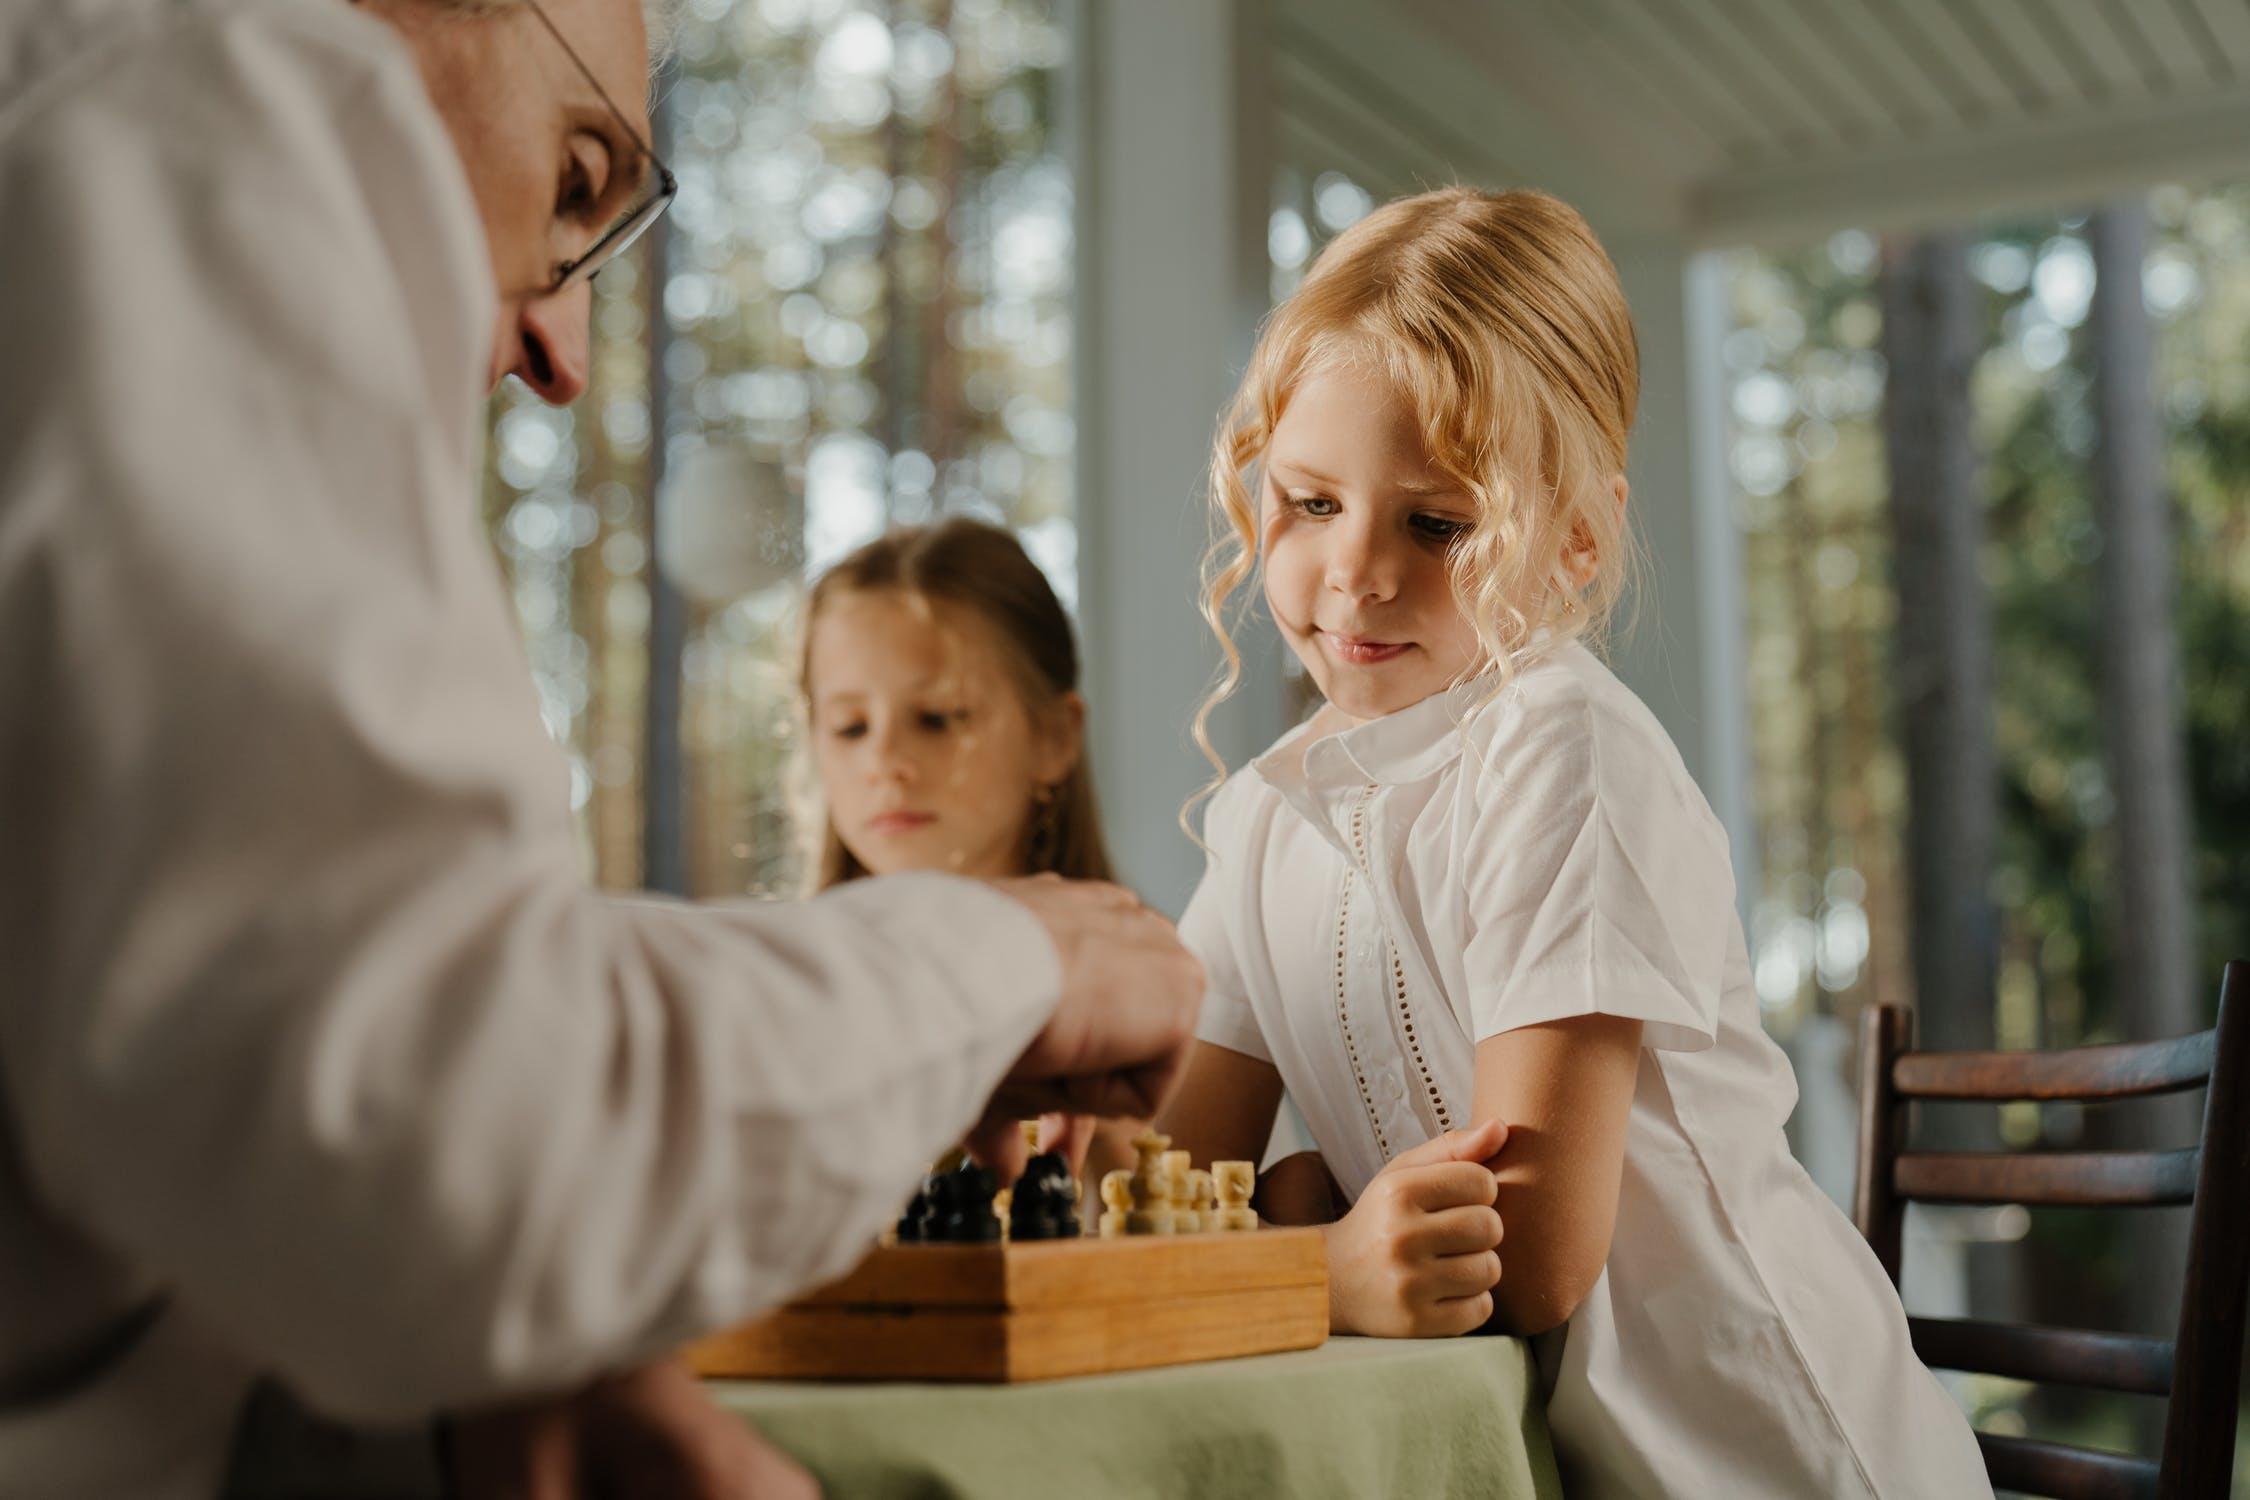 medgenercaijsko učenje